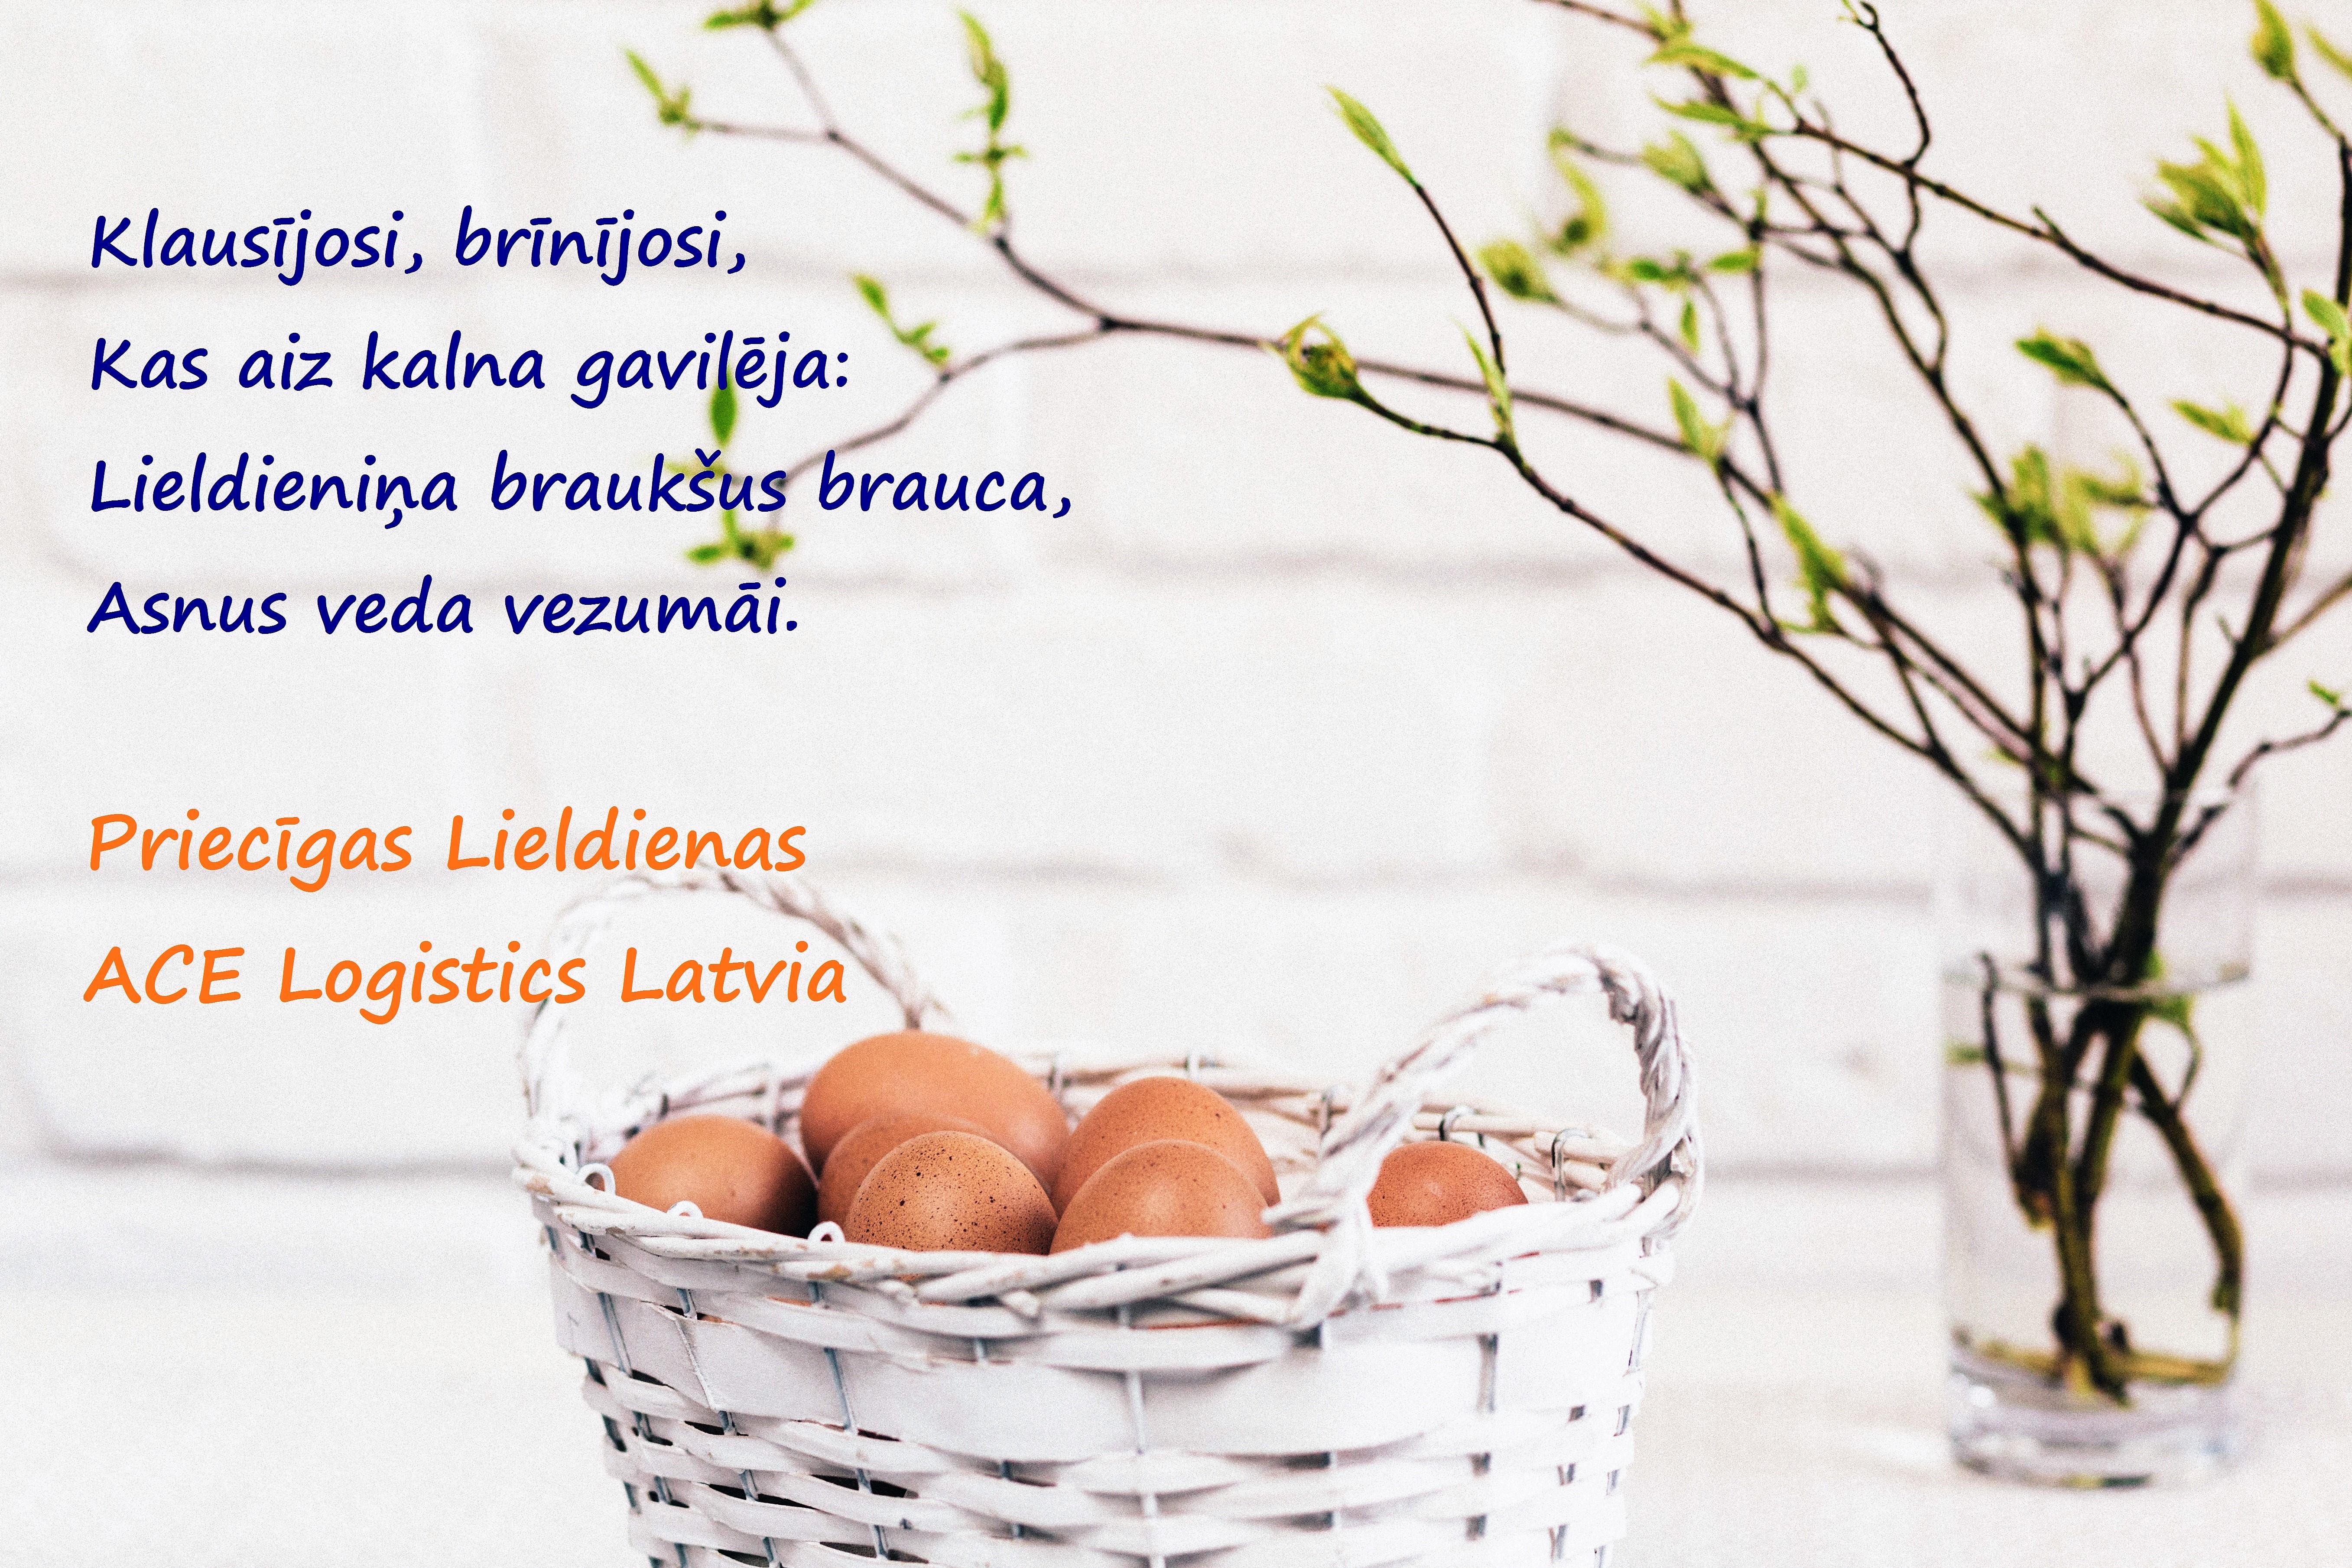 ACE Logistics Latvia novēlējums Lieldienās, grozs ar Lieldienu olām